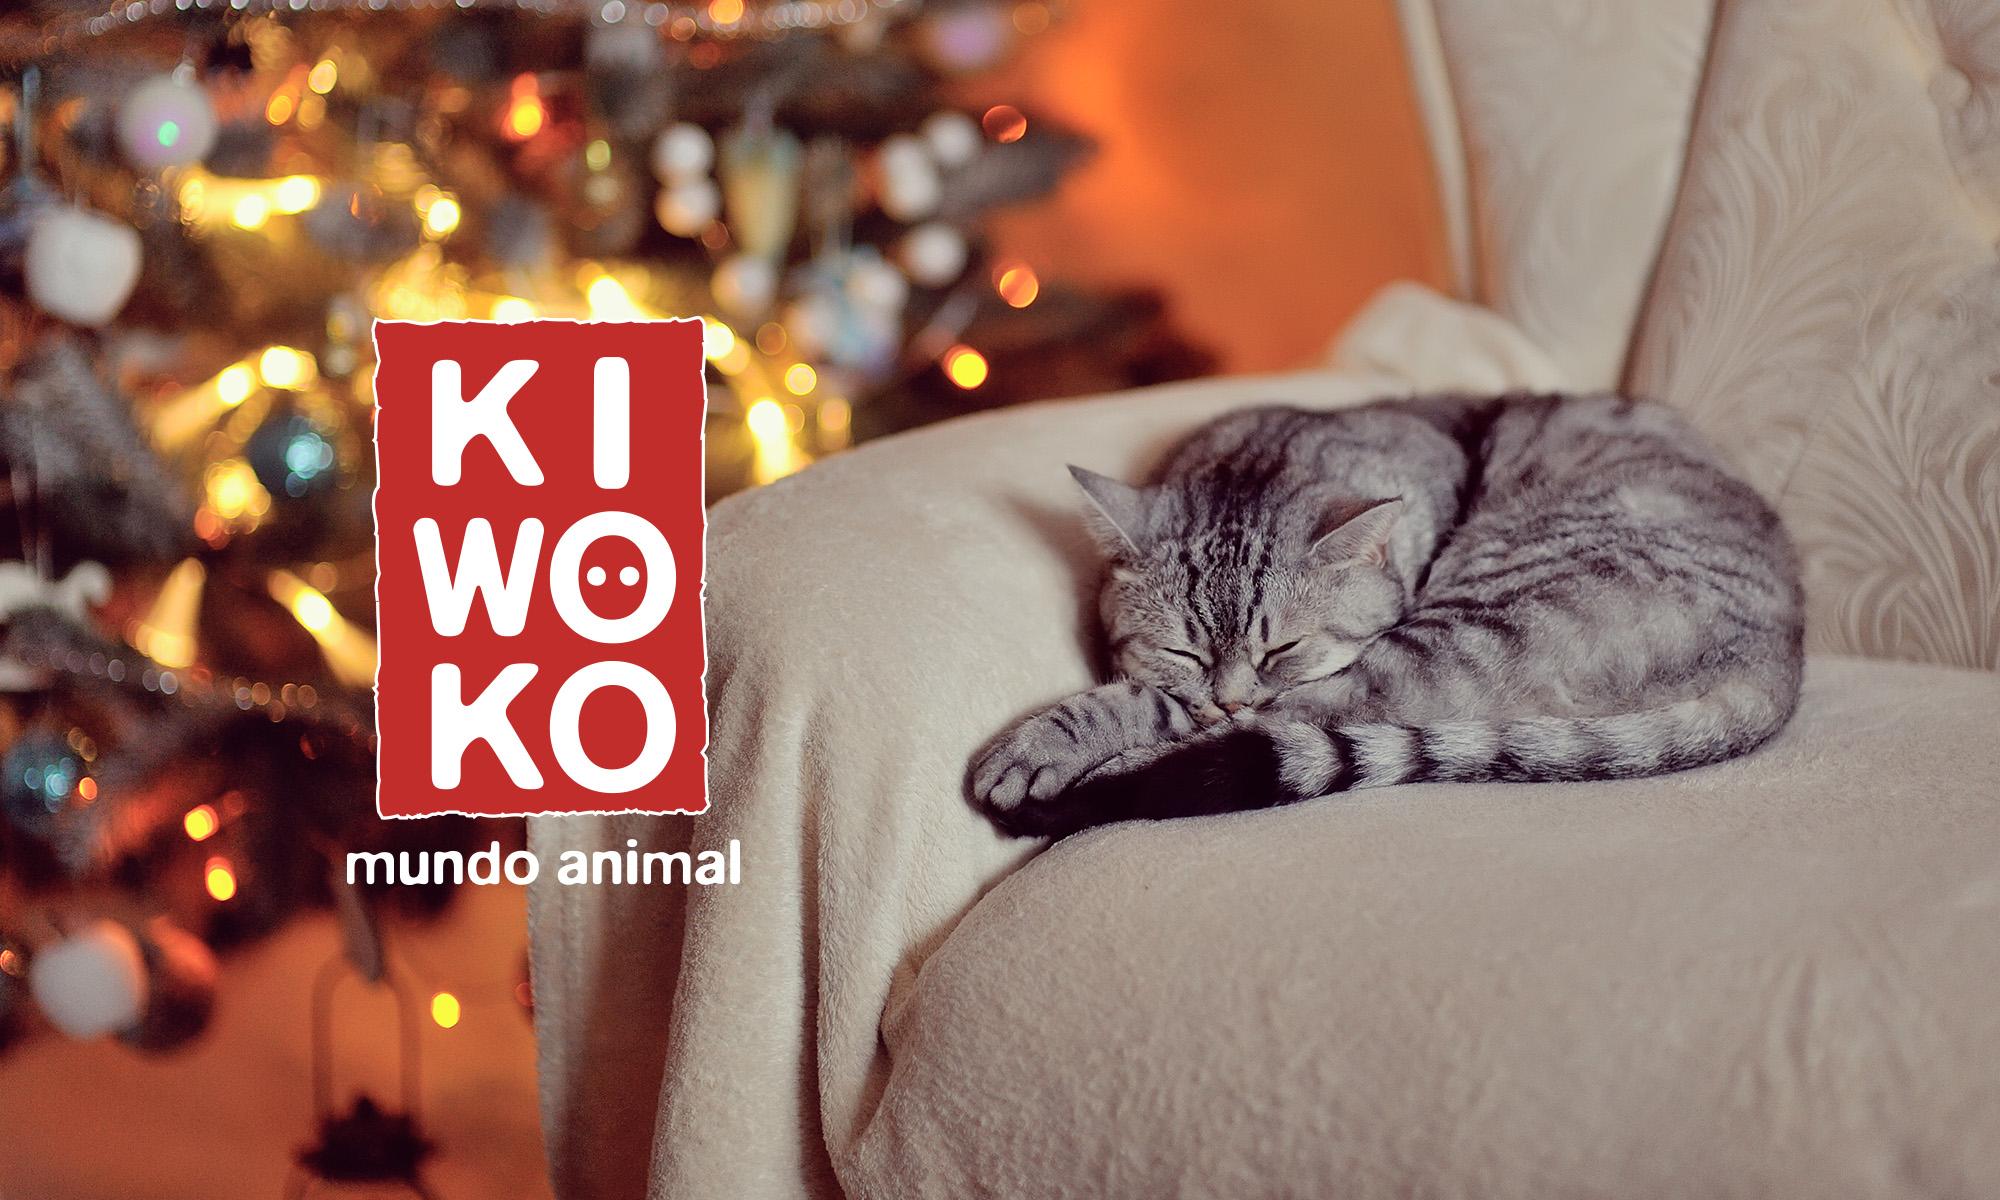 Kiwoko: Gestión de RRSS, eventos y comunicación